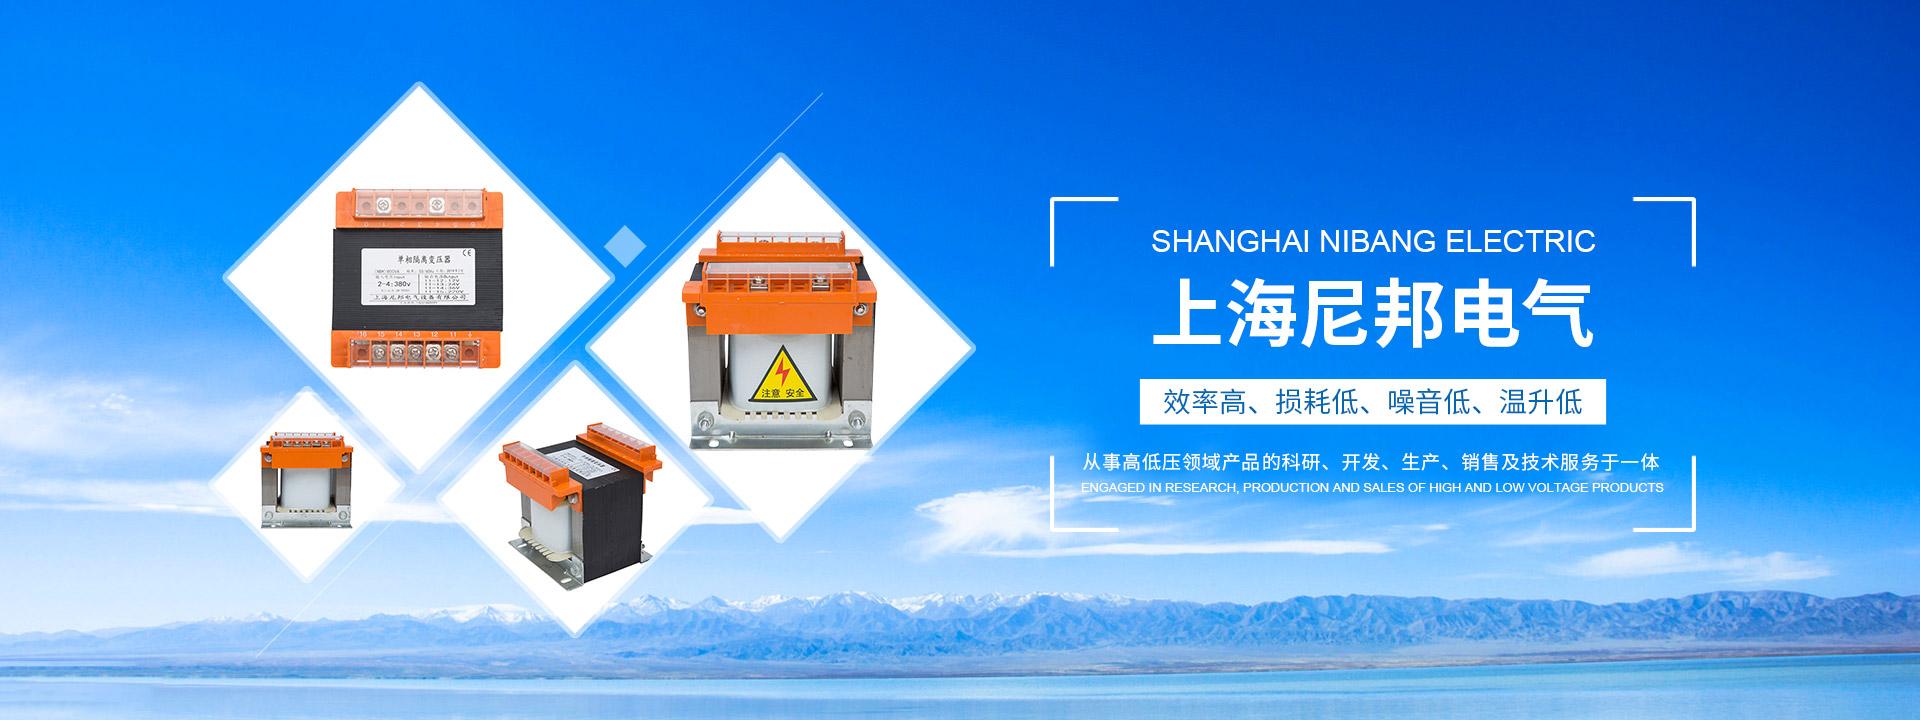 上海尼邦电气有限公司